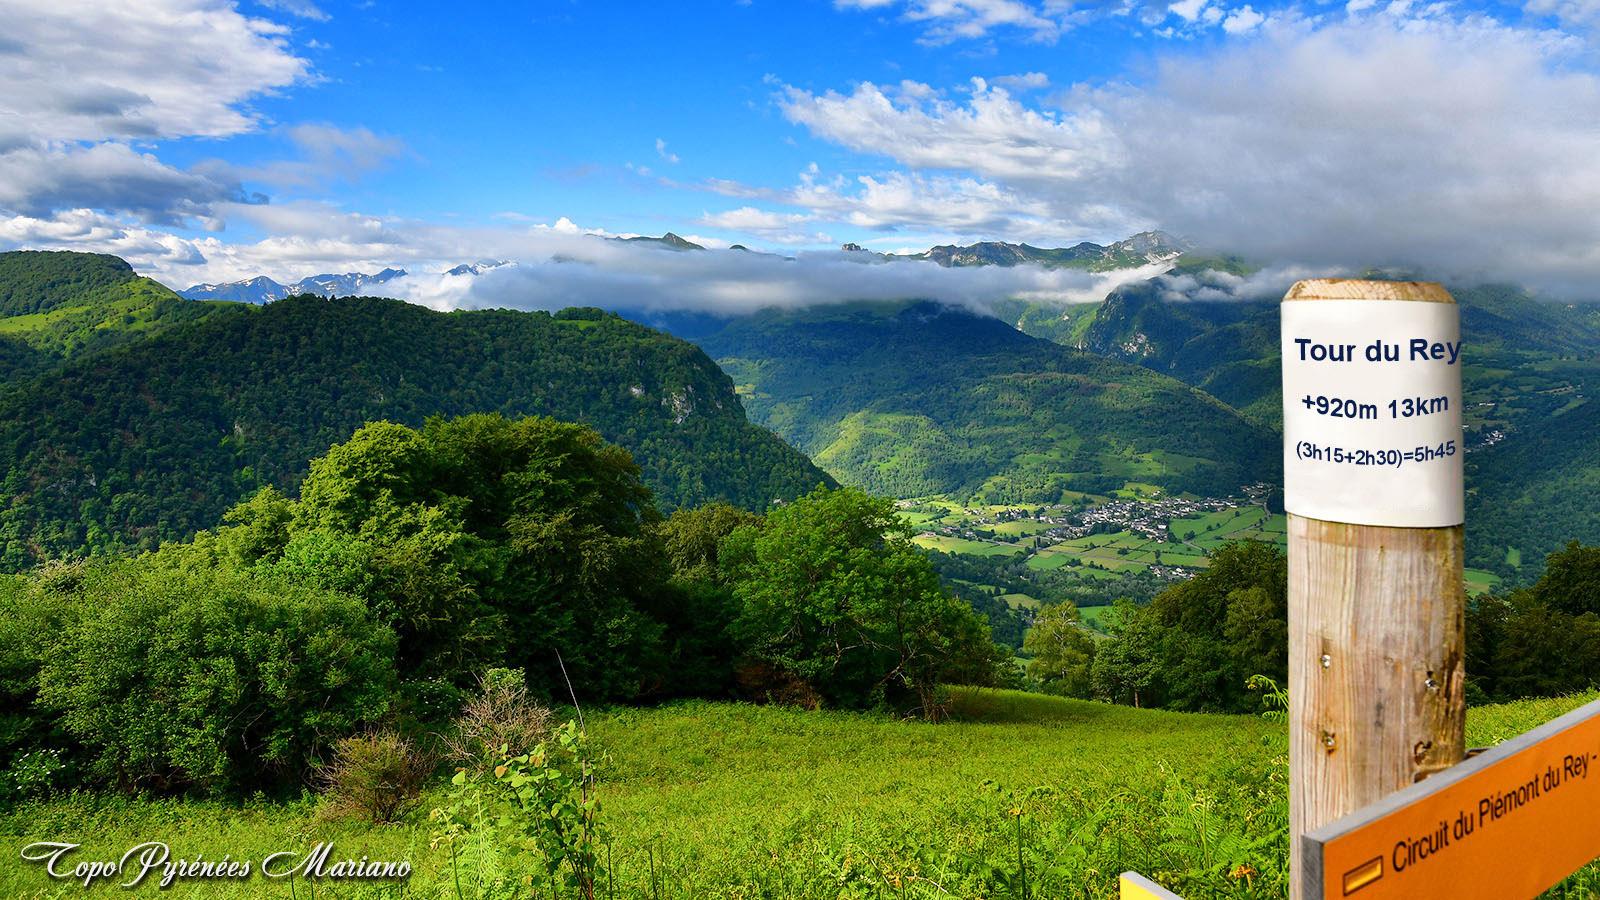 Randonnée Tour de la Montagne du Rey (1112m)